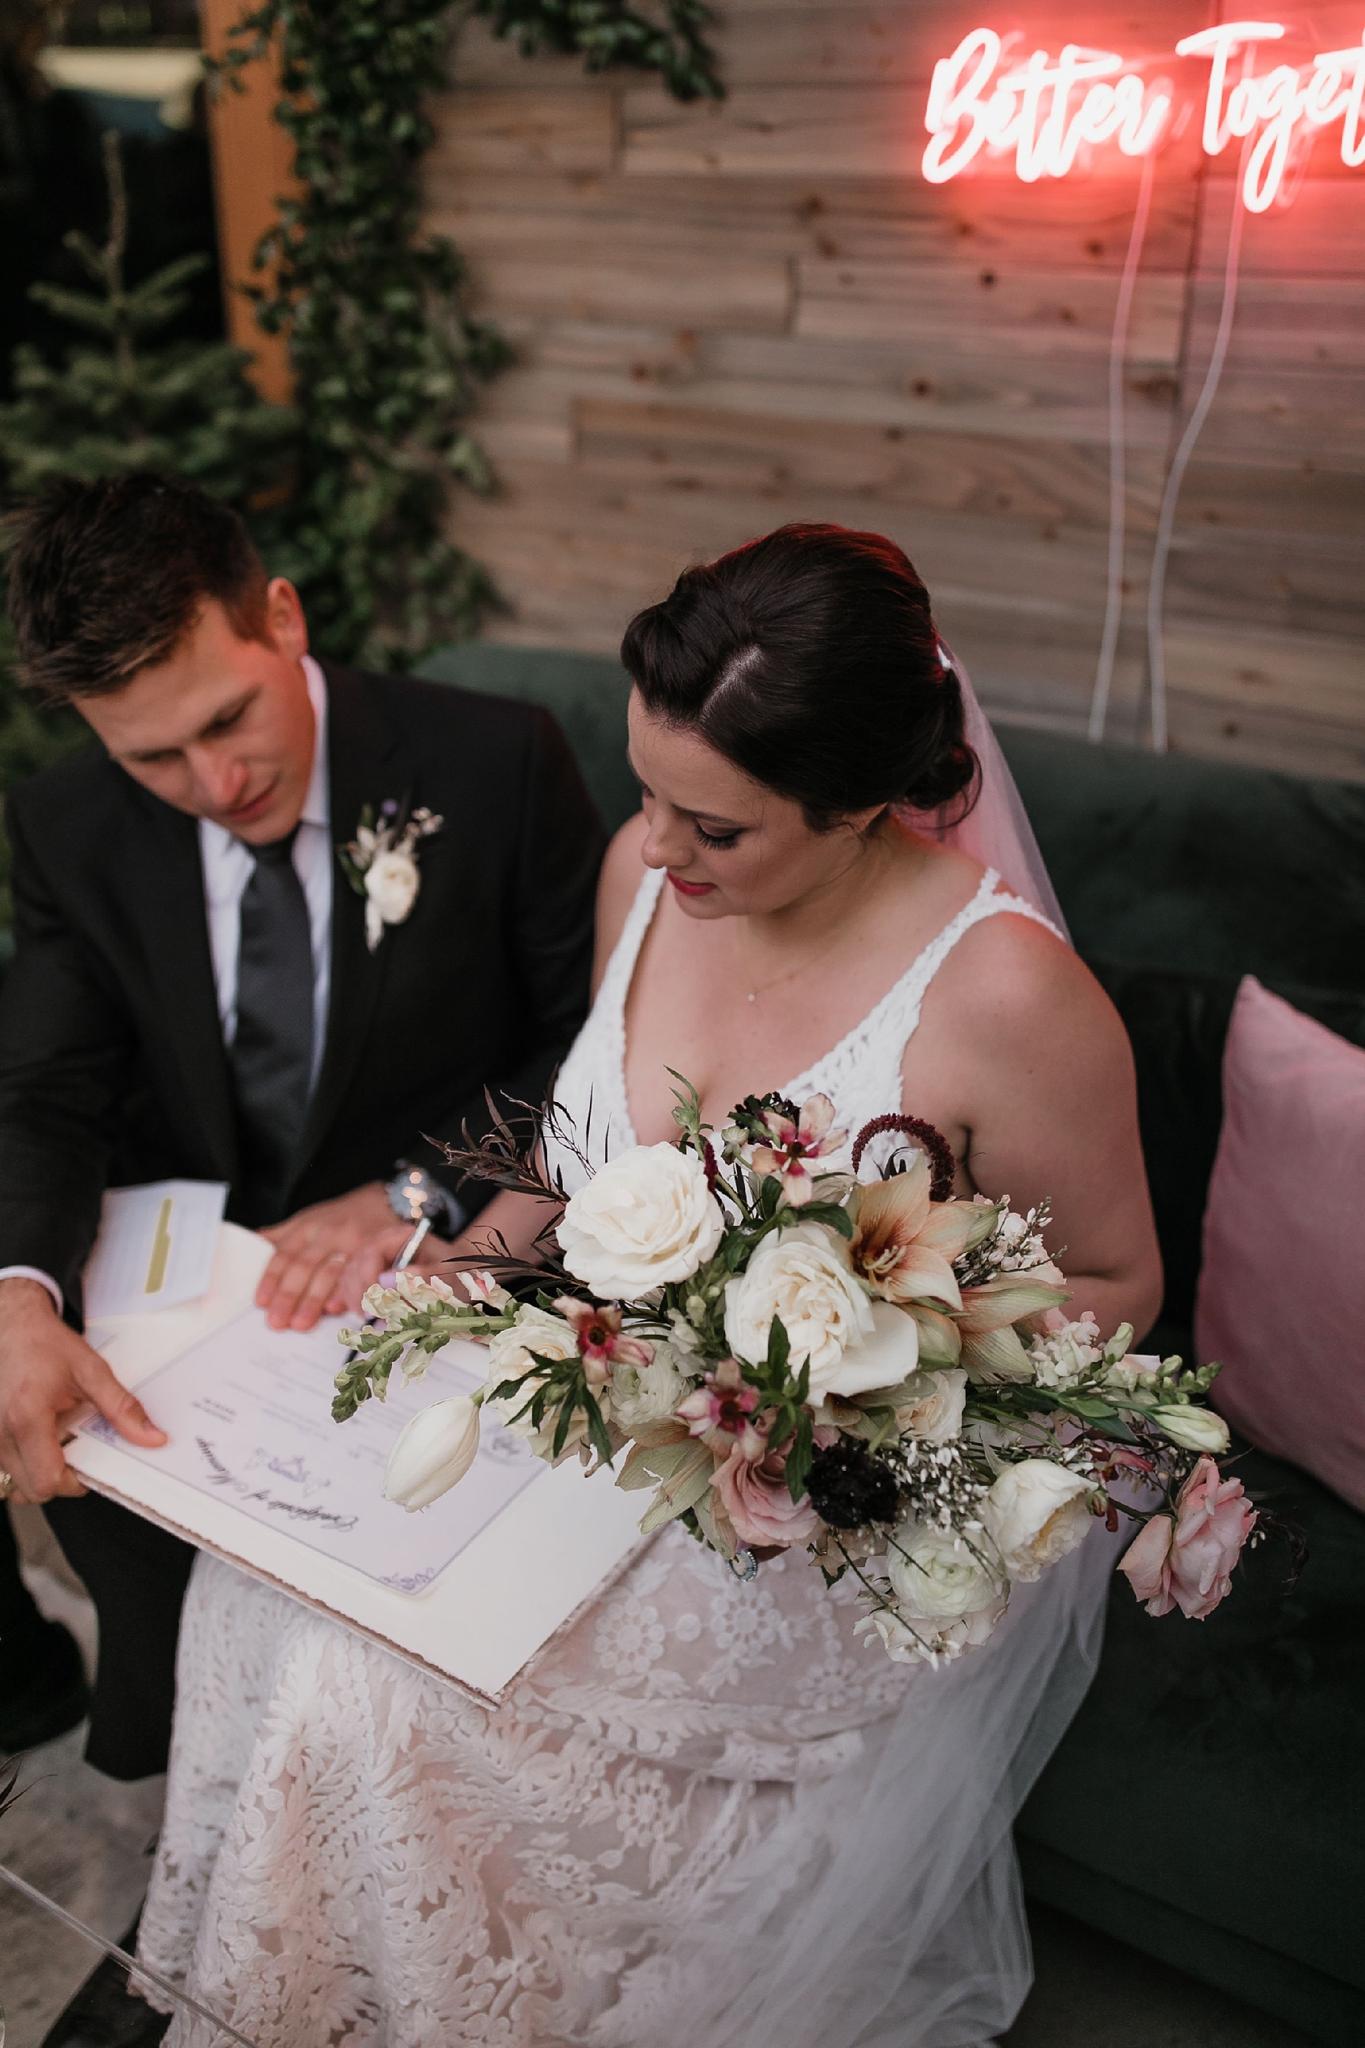 Alicia+lucia+photography+-+albuquerque+wedding+photographer+-+santa+fe+wedding+photography+-+new+mexico+wedding+photographer+-+new+mexico+wedding+-+santa+fe+wedding+-+four+seasons+wedding+-+winter+wedding_0136.jpg